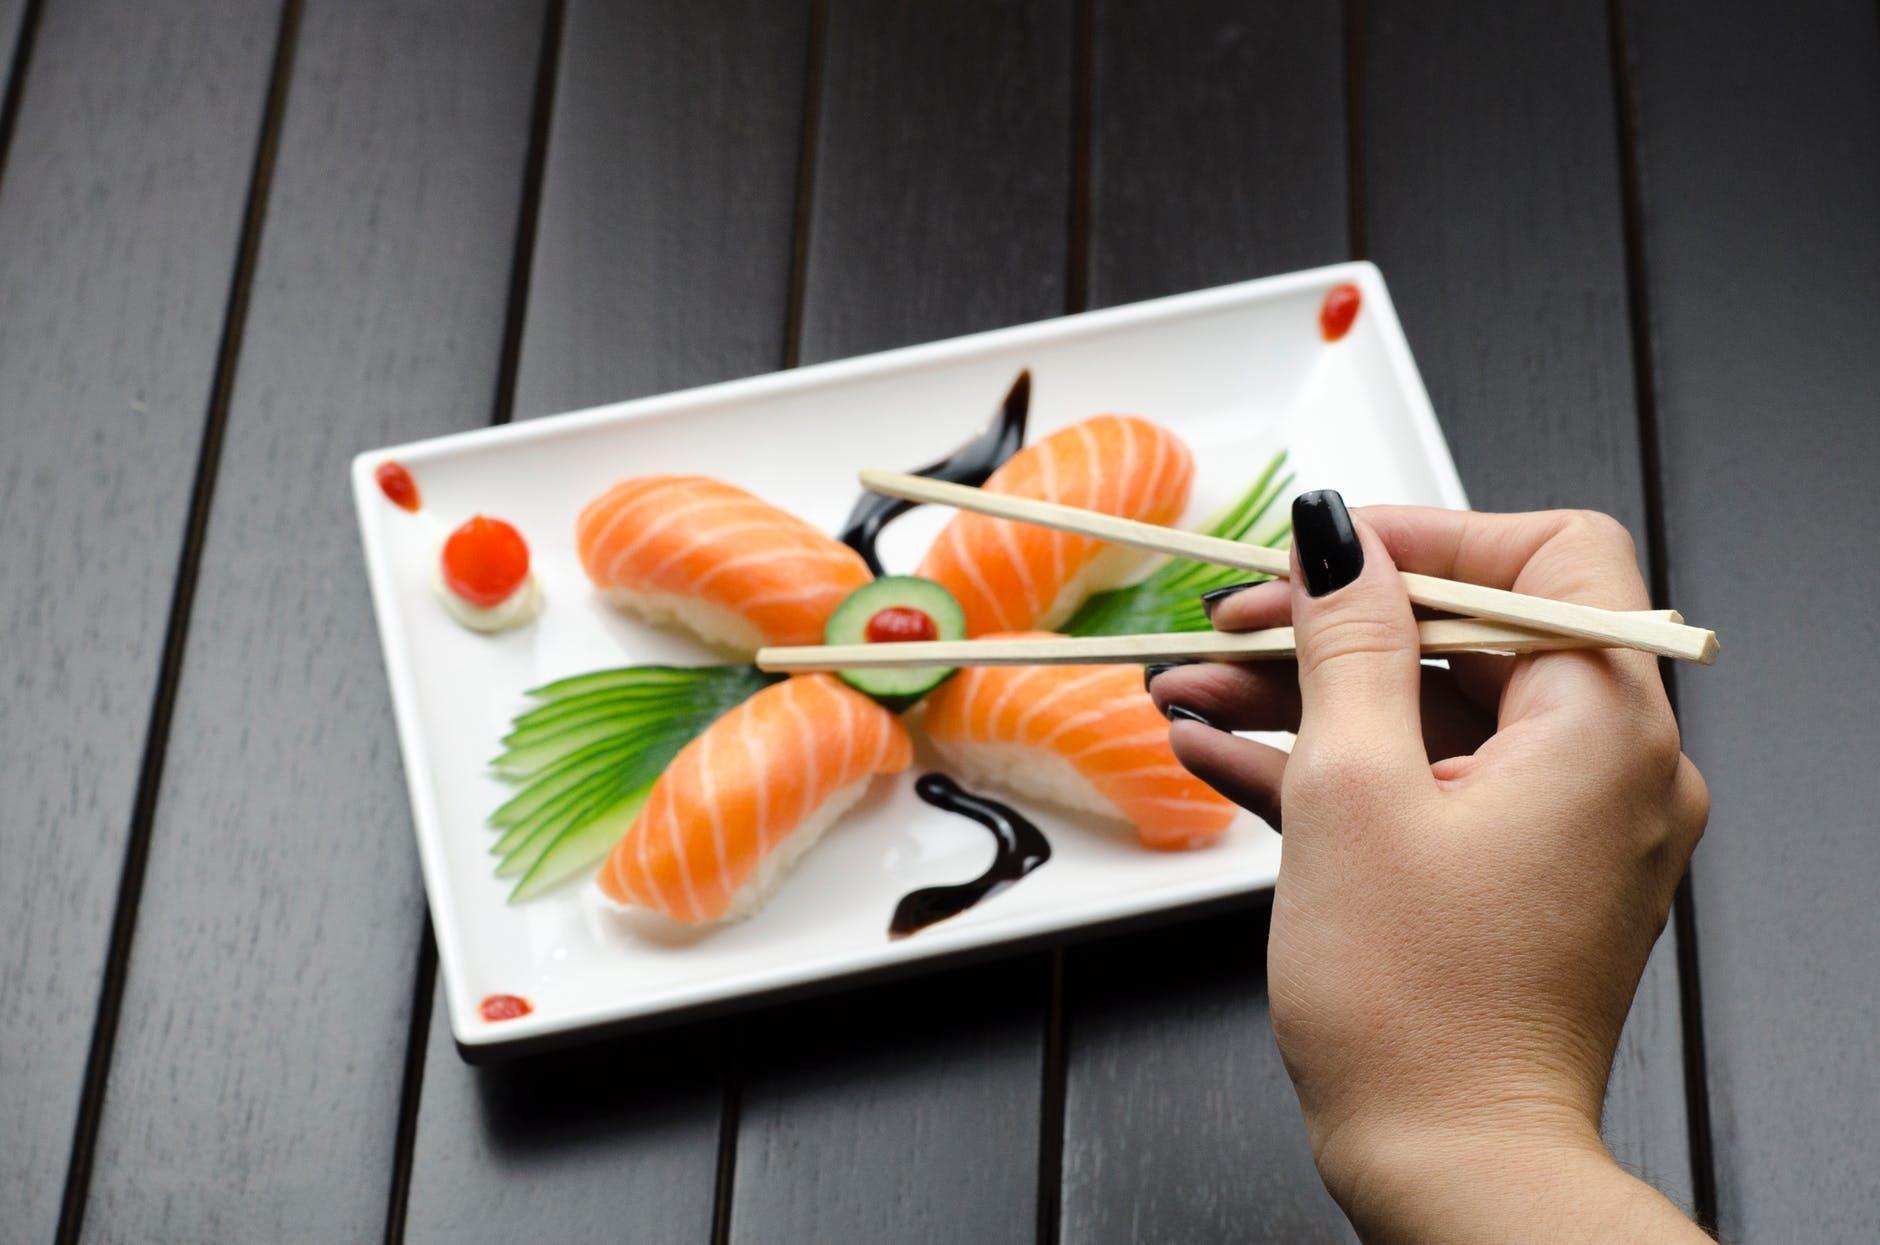 Kesalahan yang Sering Dilakukan Saat Makan di Restoran